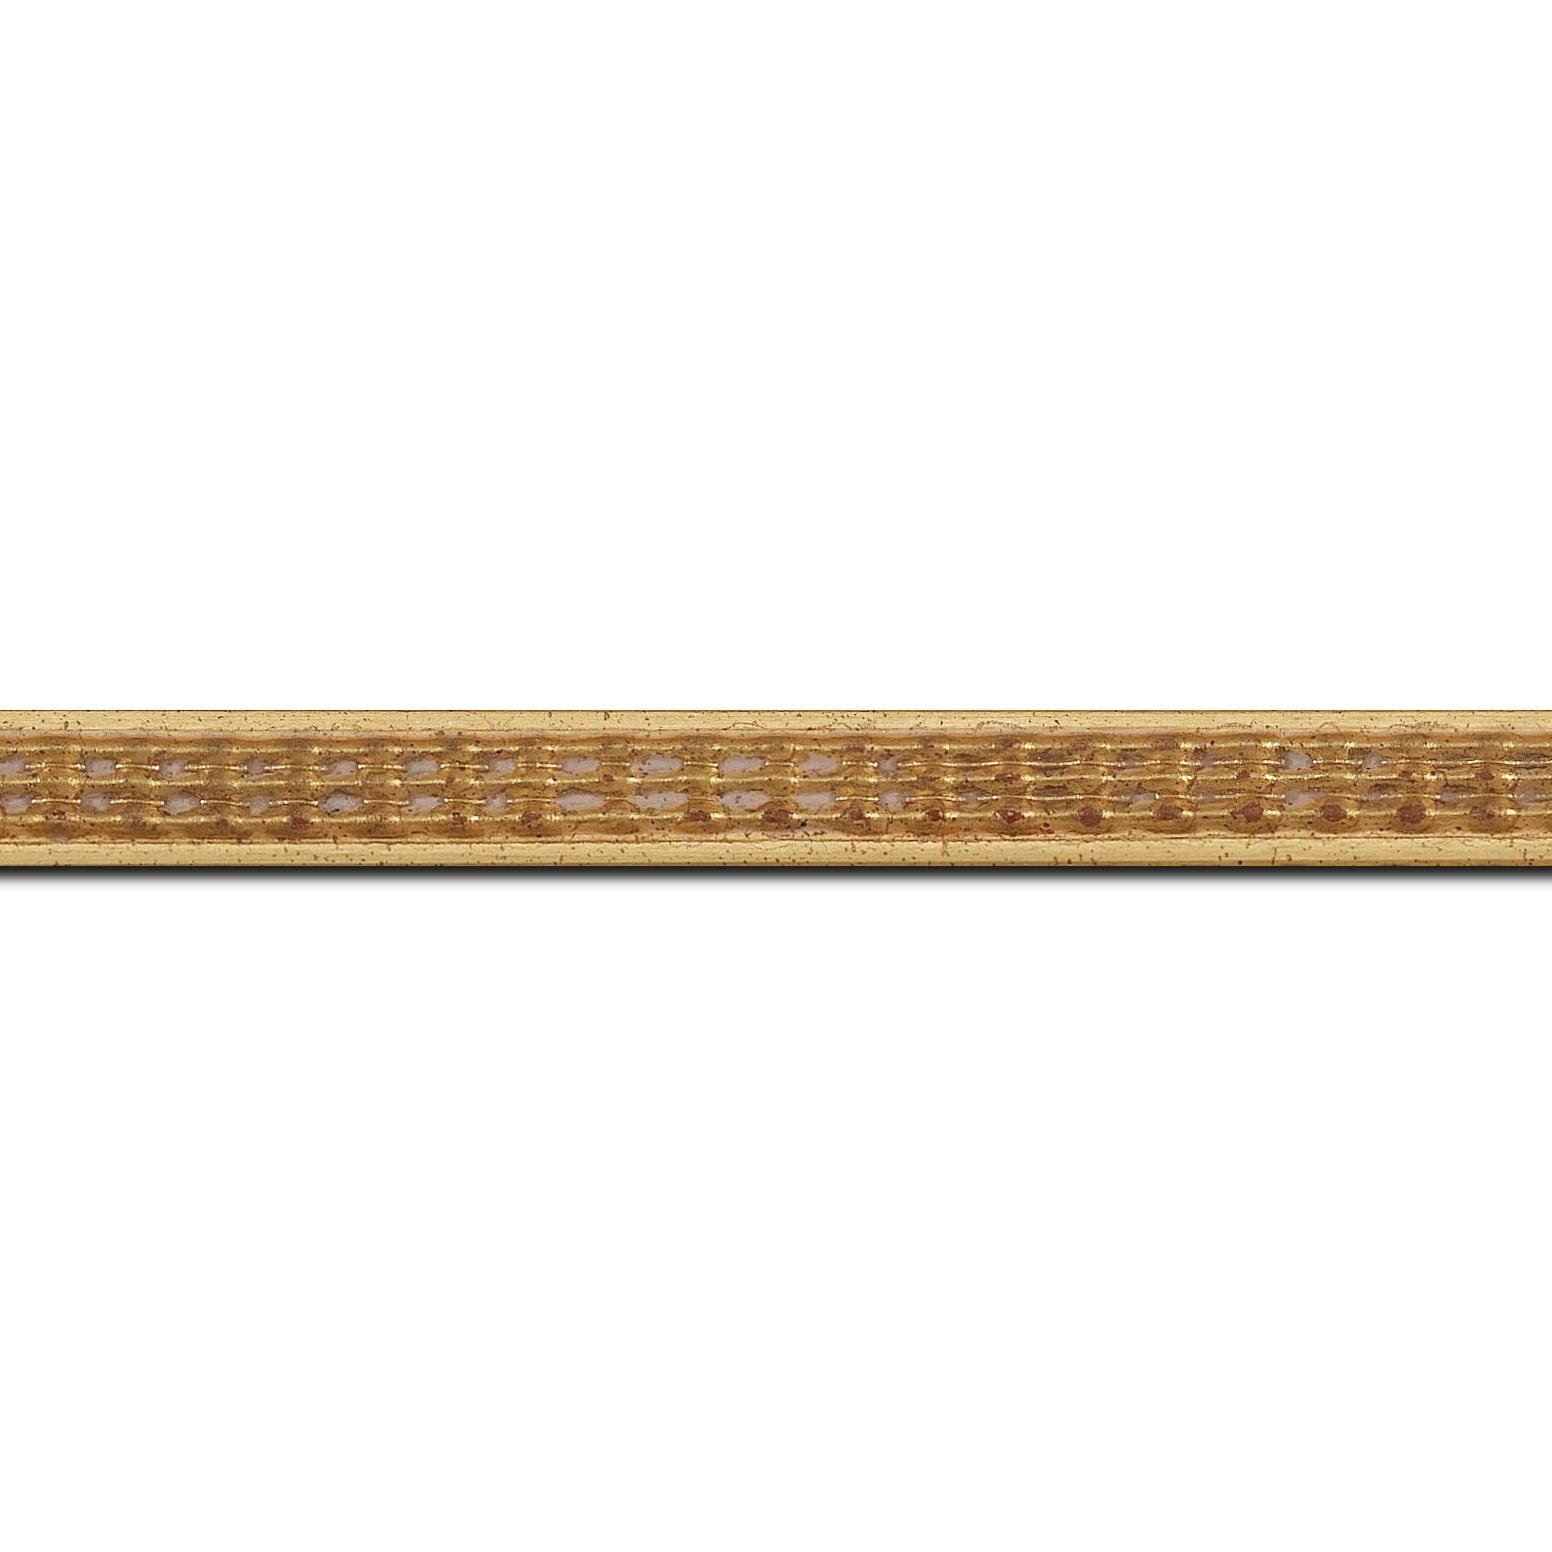 Baguette longueur 1.40m bois profil jonc largeur 1.5cm or style décor sillons